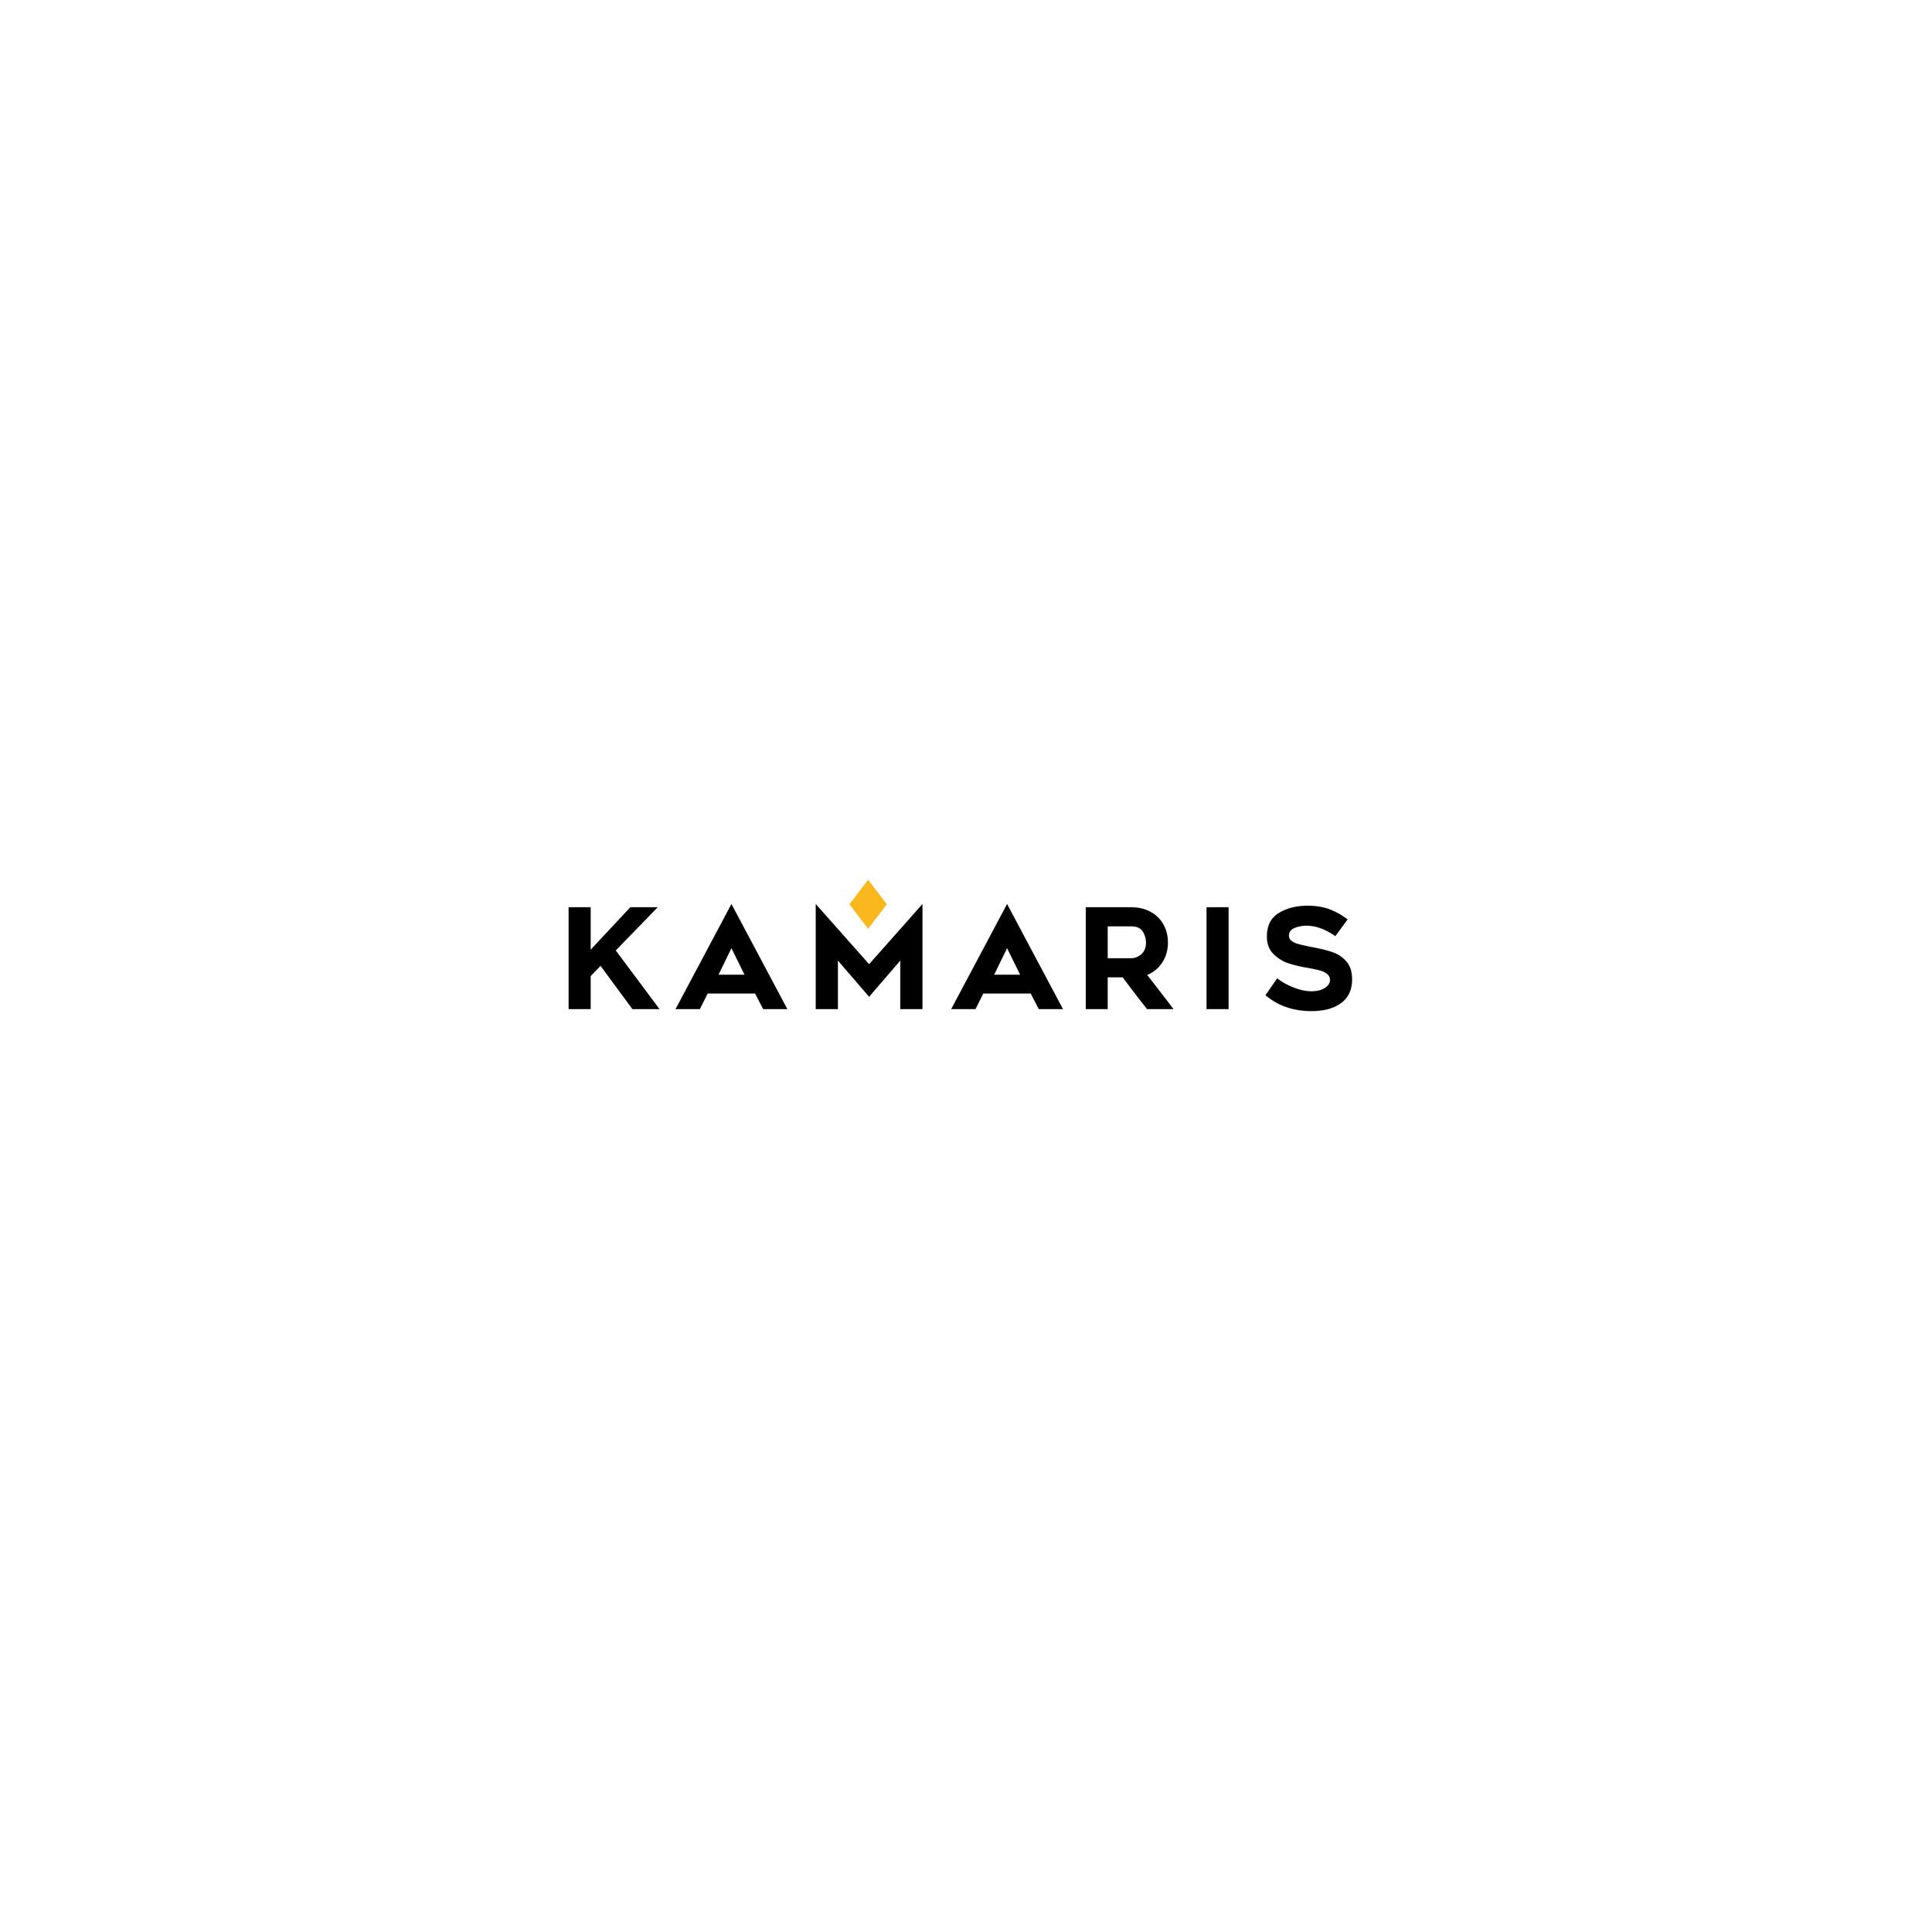 (c) Kamaris.eu